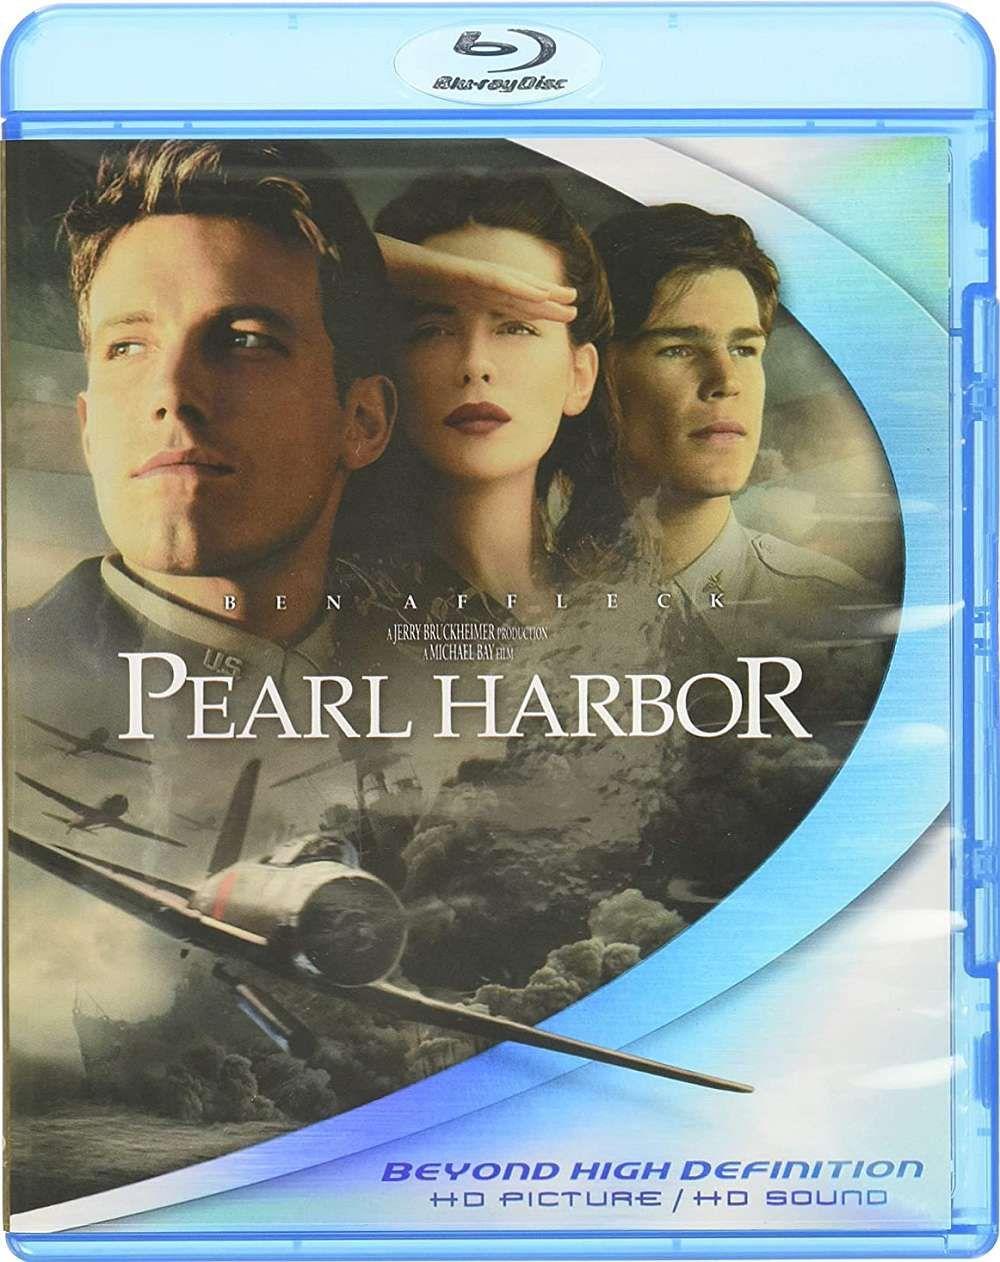 Pearl Harbor (film) Distribution : pearl, harbor, (film), distribution, Pearl, Harbor, Harbor,, Disney, Distribution